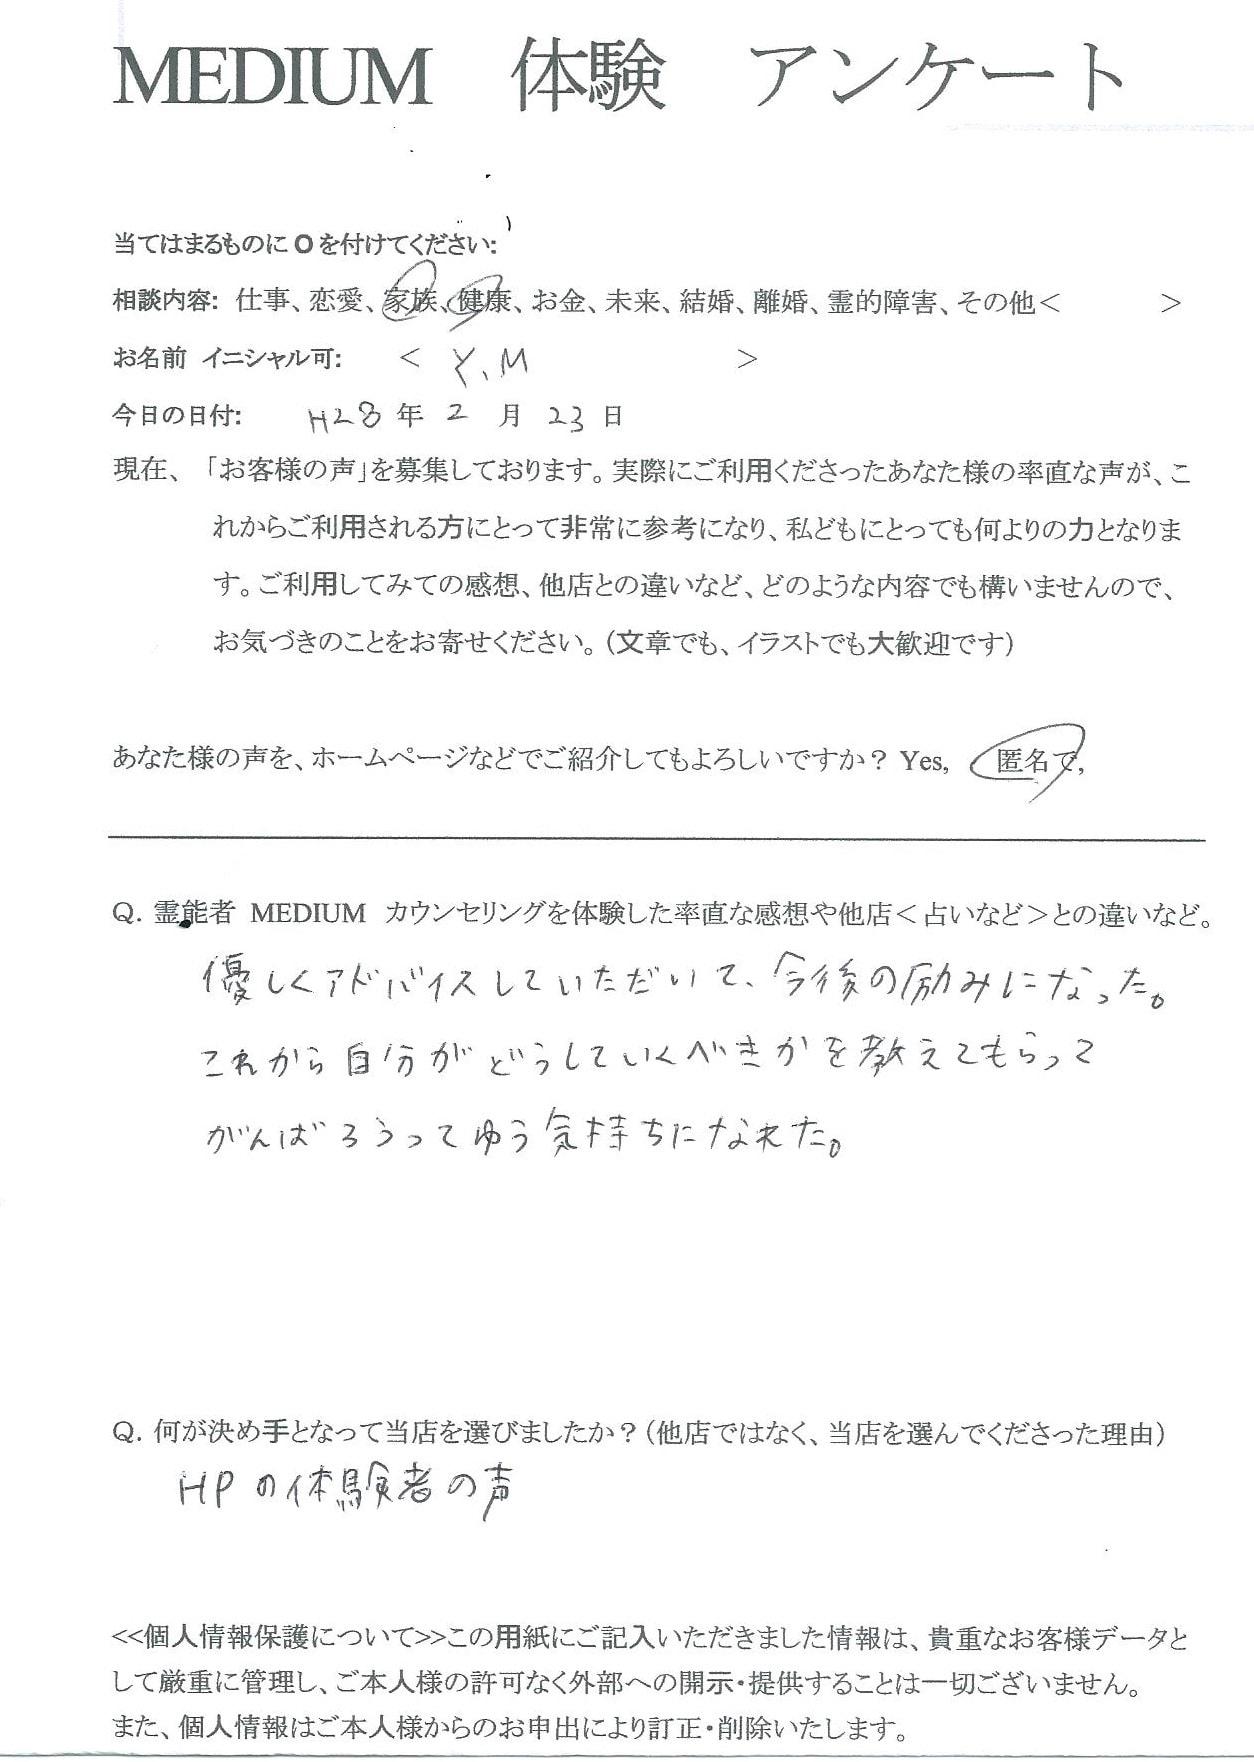 アルコール依存症の寿命は52歳 ... - wjn.jp